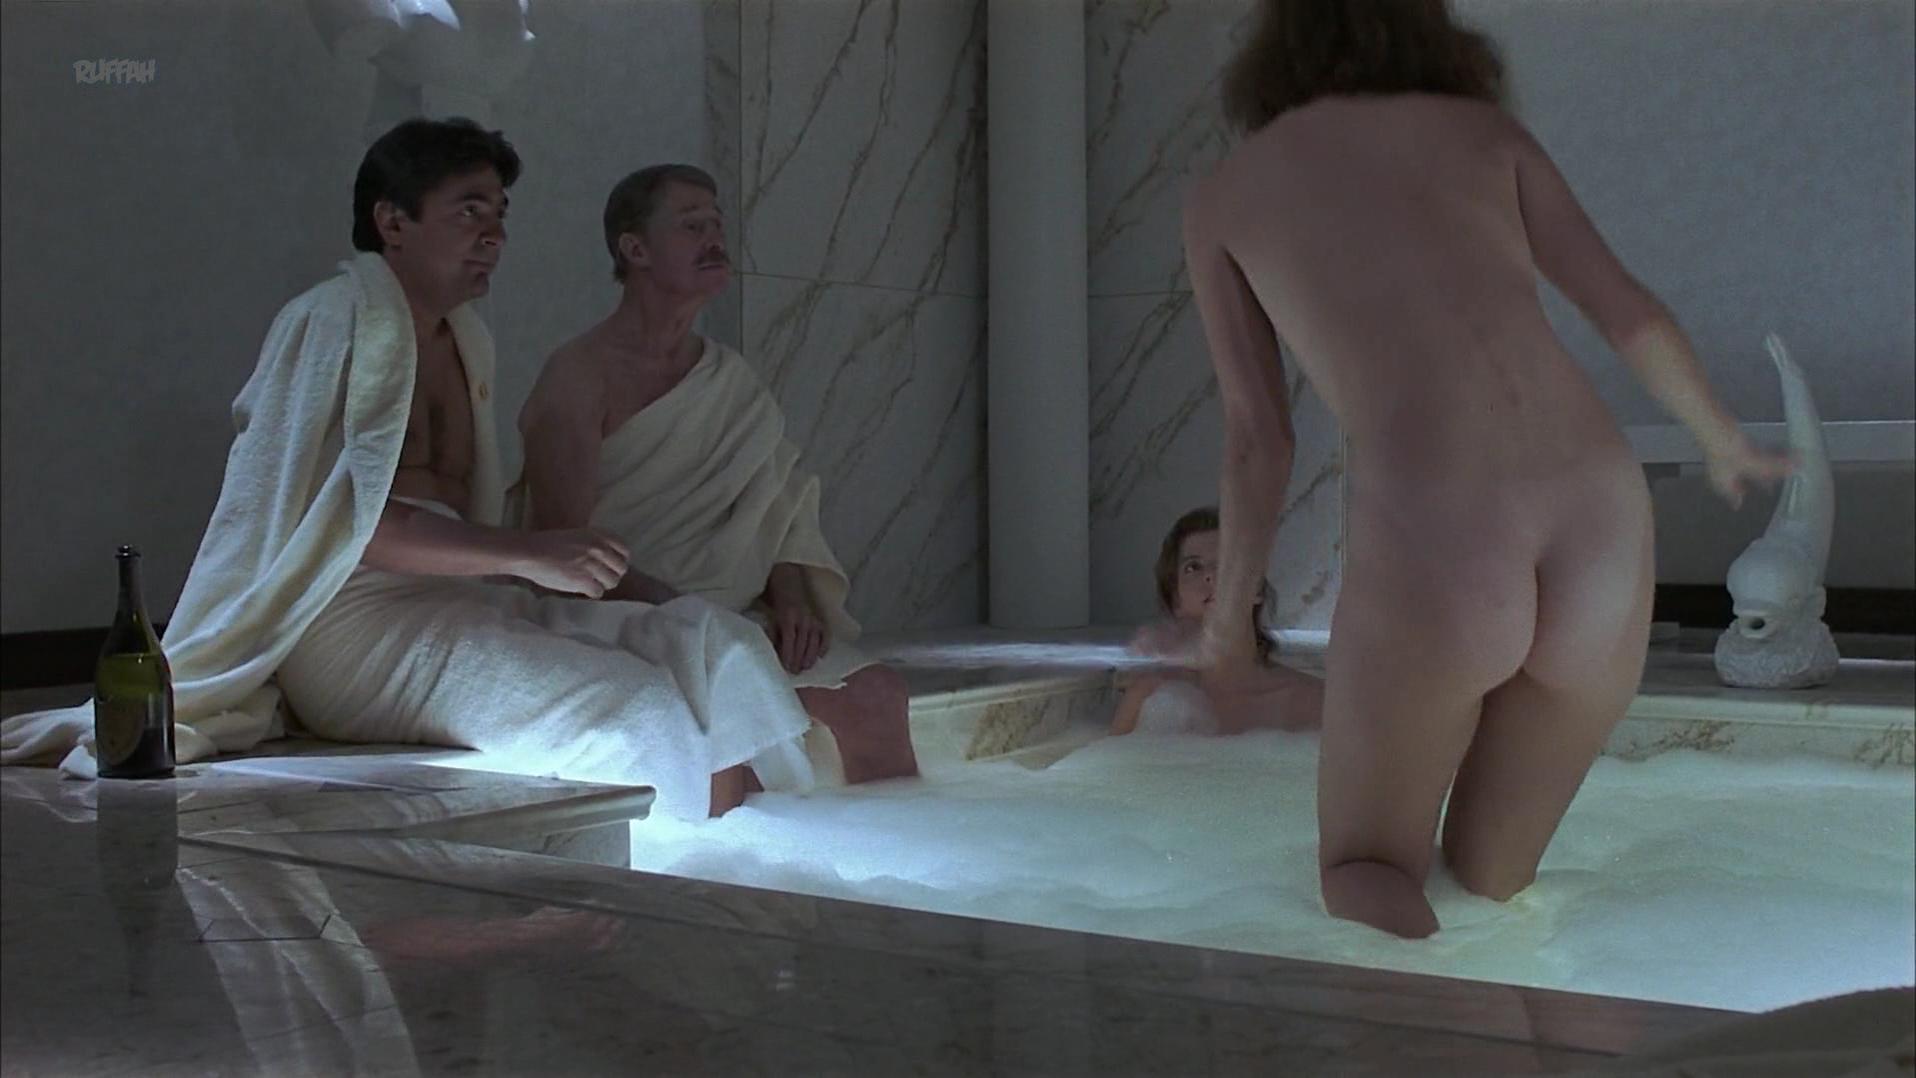 Sara Eckhardt nude, Karen Kohlhaas nude - Things Change (1988)